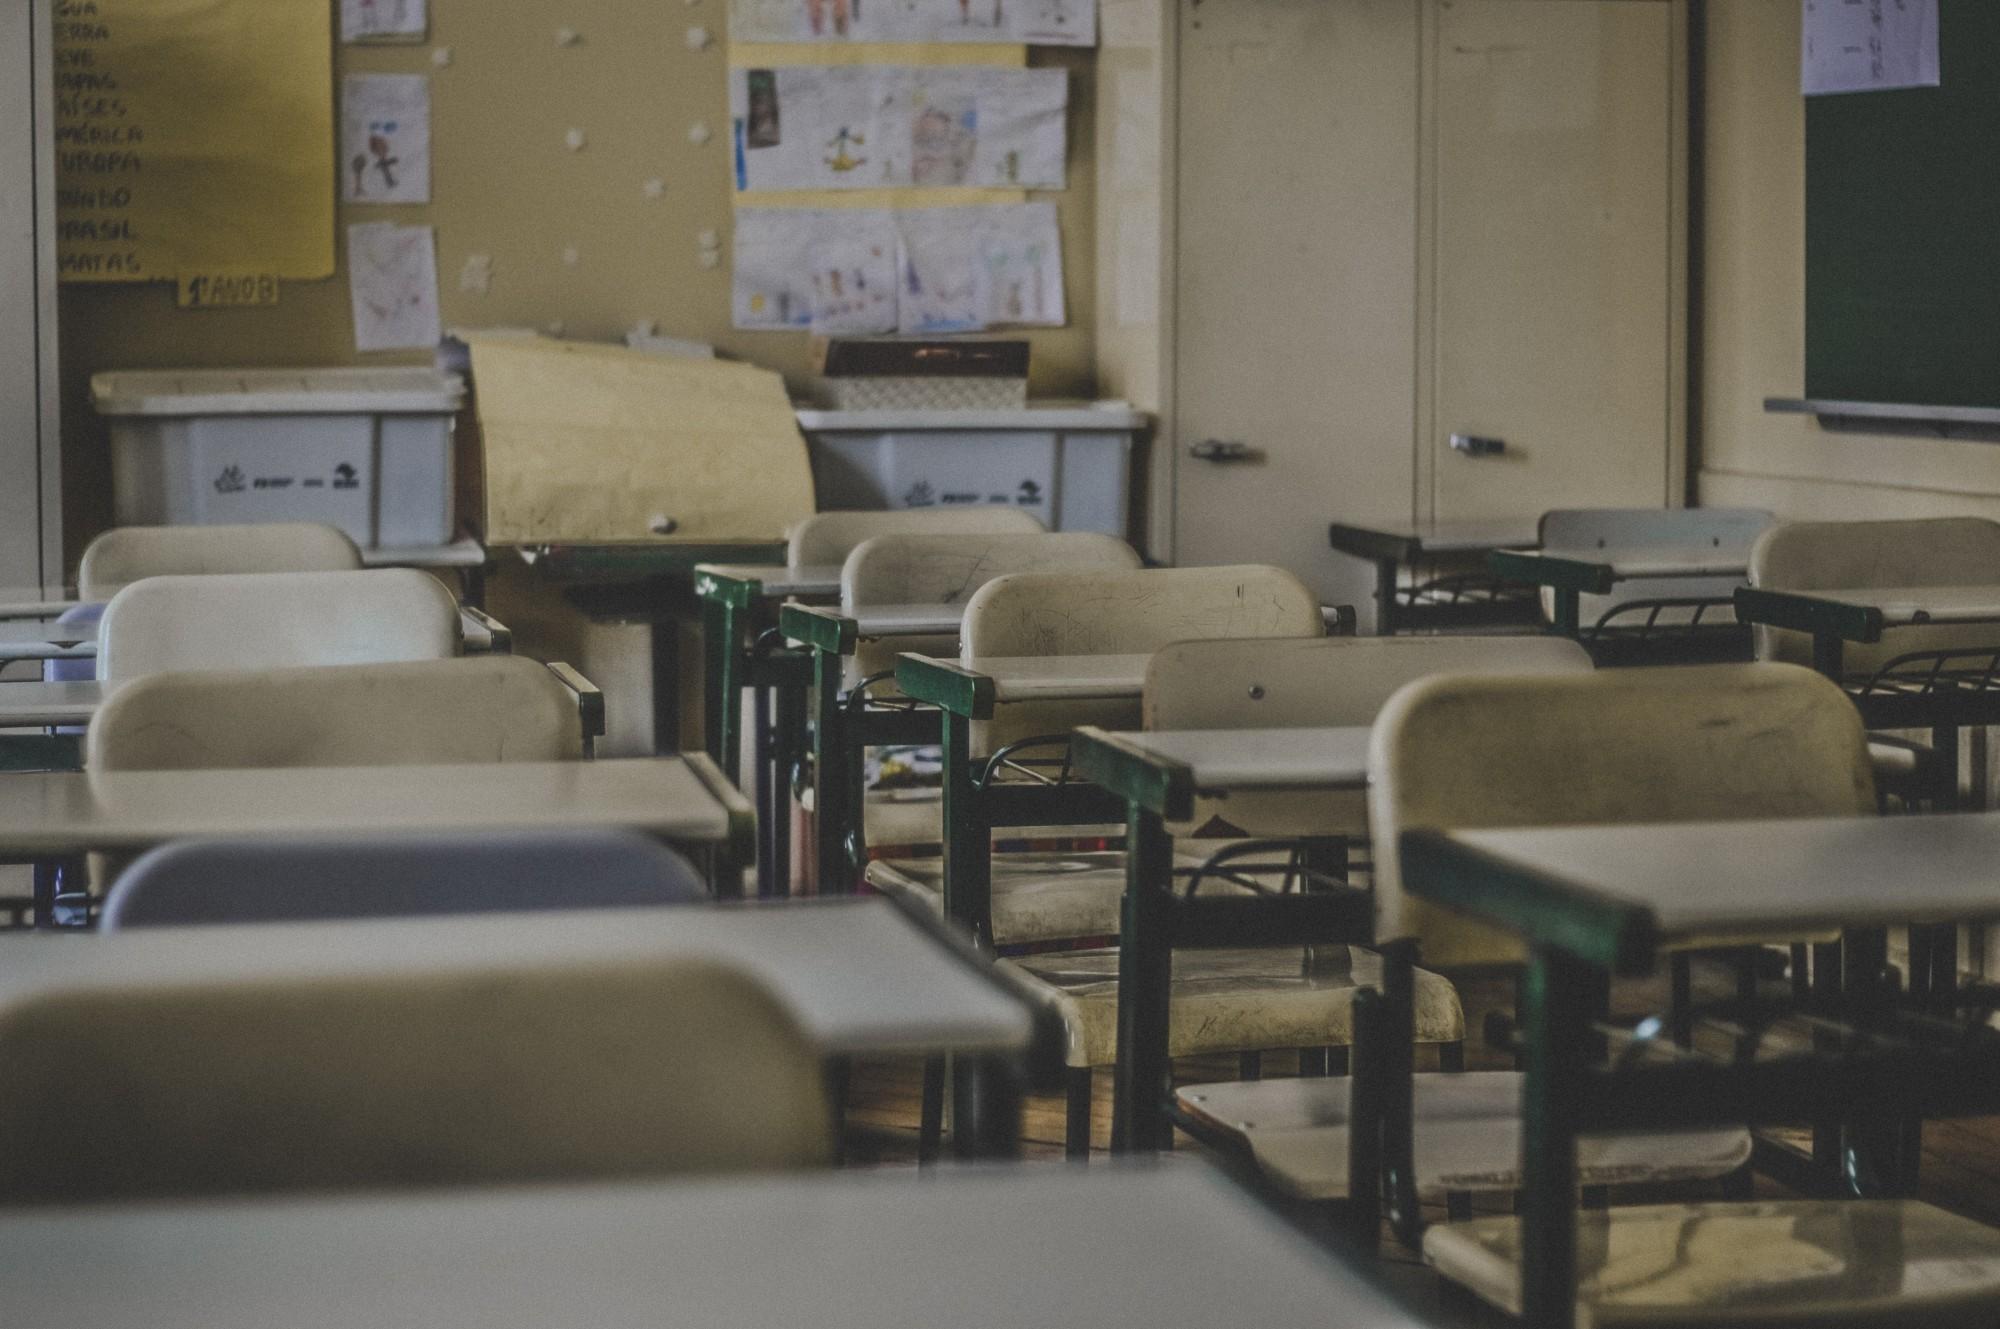 מאמר על ביטוח תלמידים וביטוח לסטודנטים